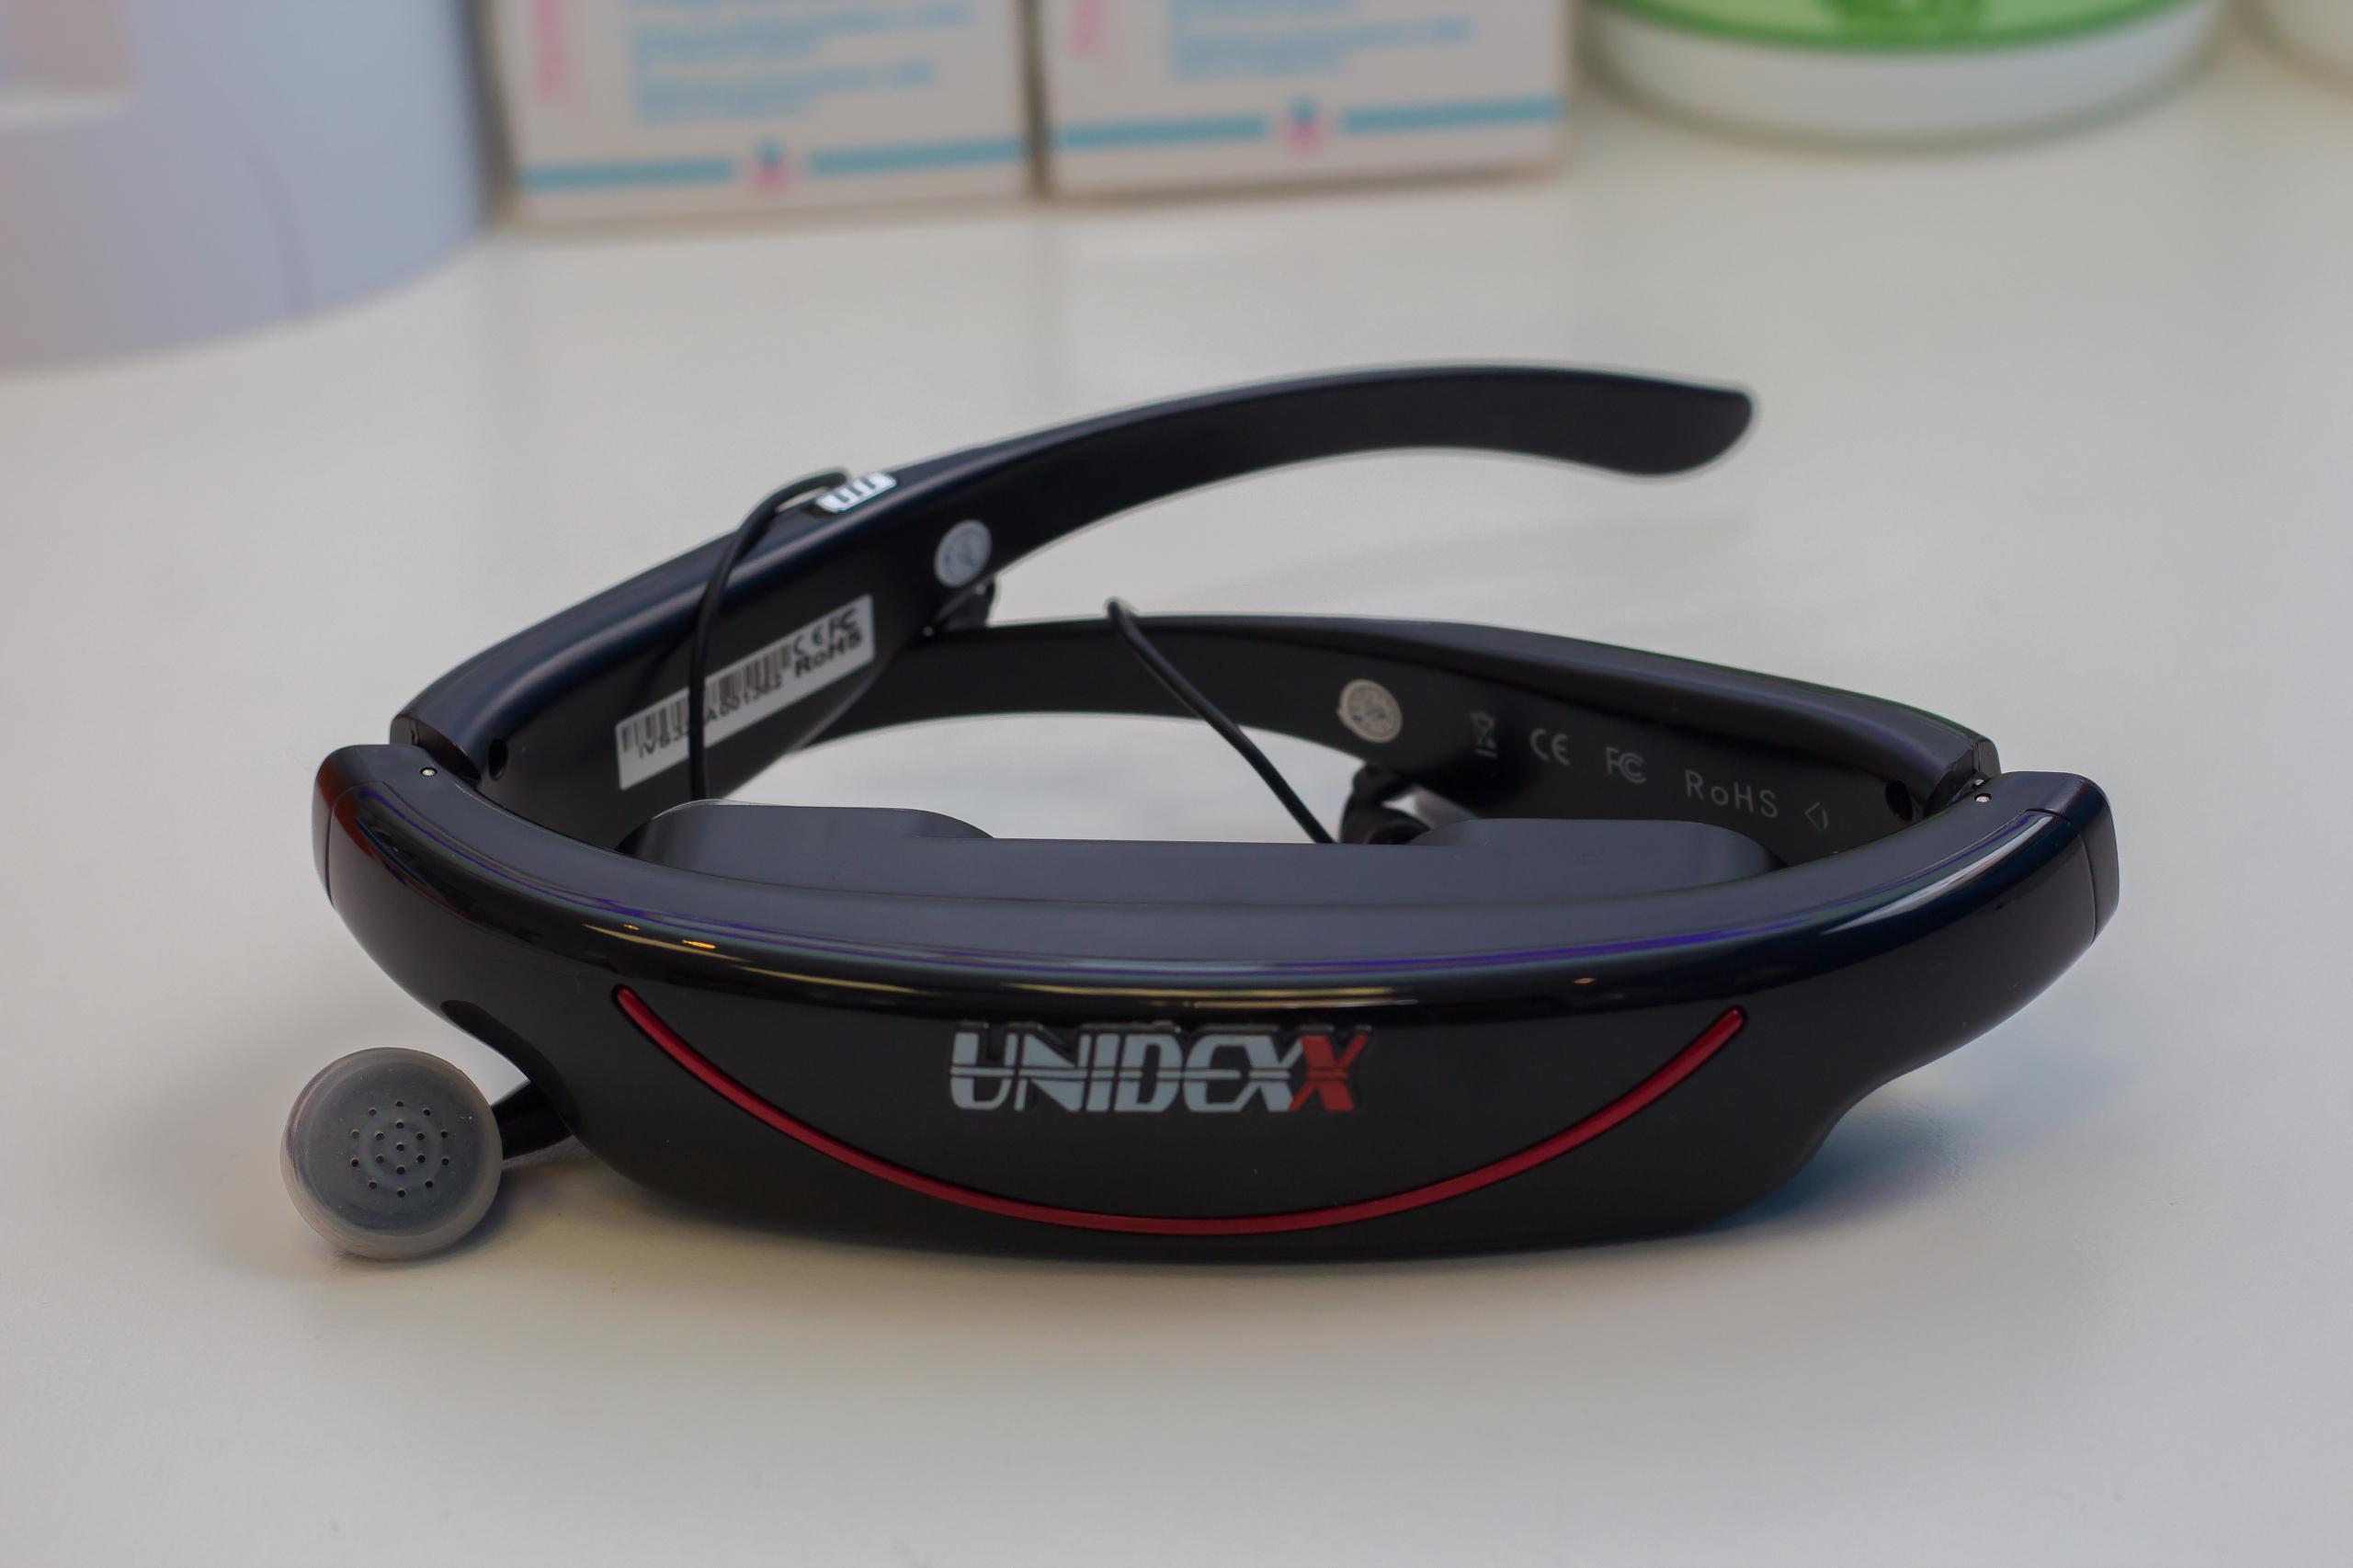 Video-occhiali rilassanti Unidexx clinica del benessere dentale